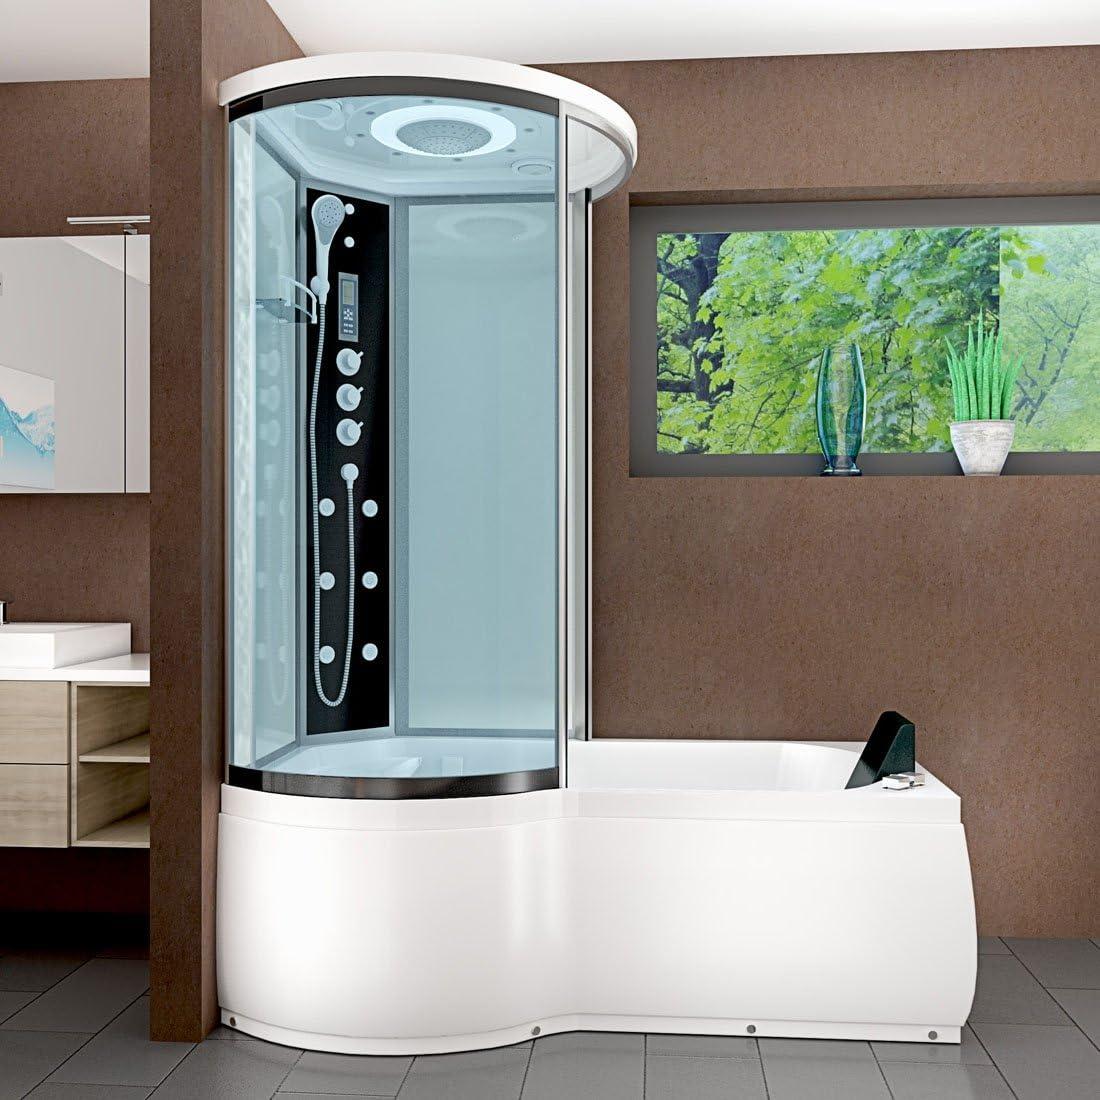 Vapore acqua DTP8055-A007R bañera de hidromasaje bañera ducha templo de ducha 98 x 170, Blanco 920.00 wattsW, 230.00 voltsV: Amazon.es: Bricolaje y herramientas